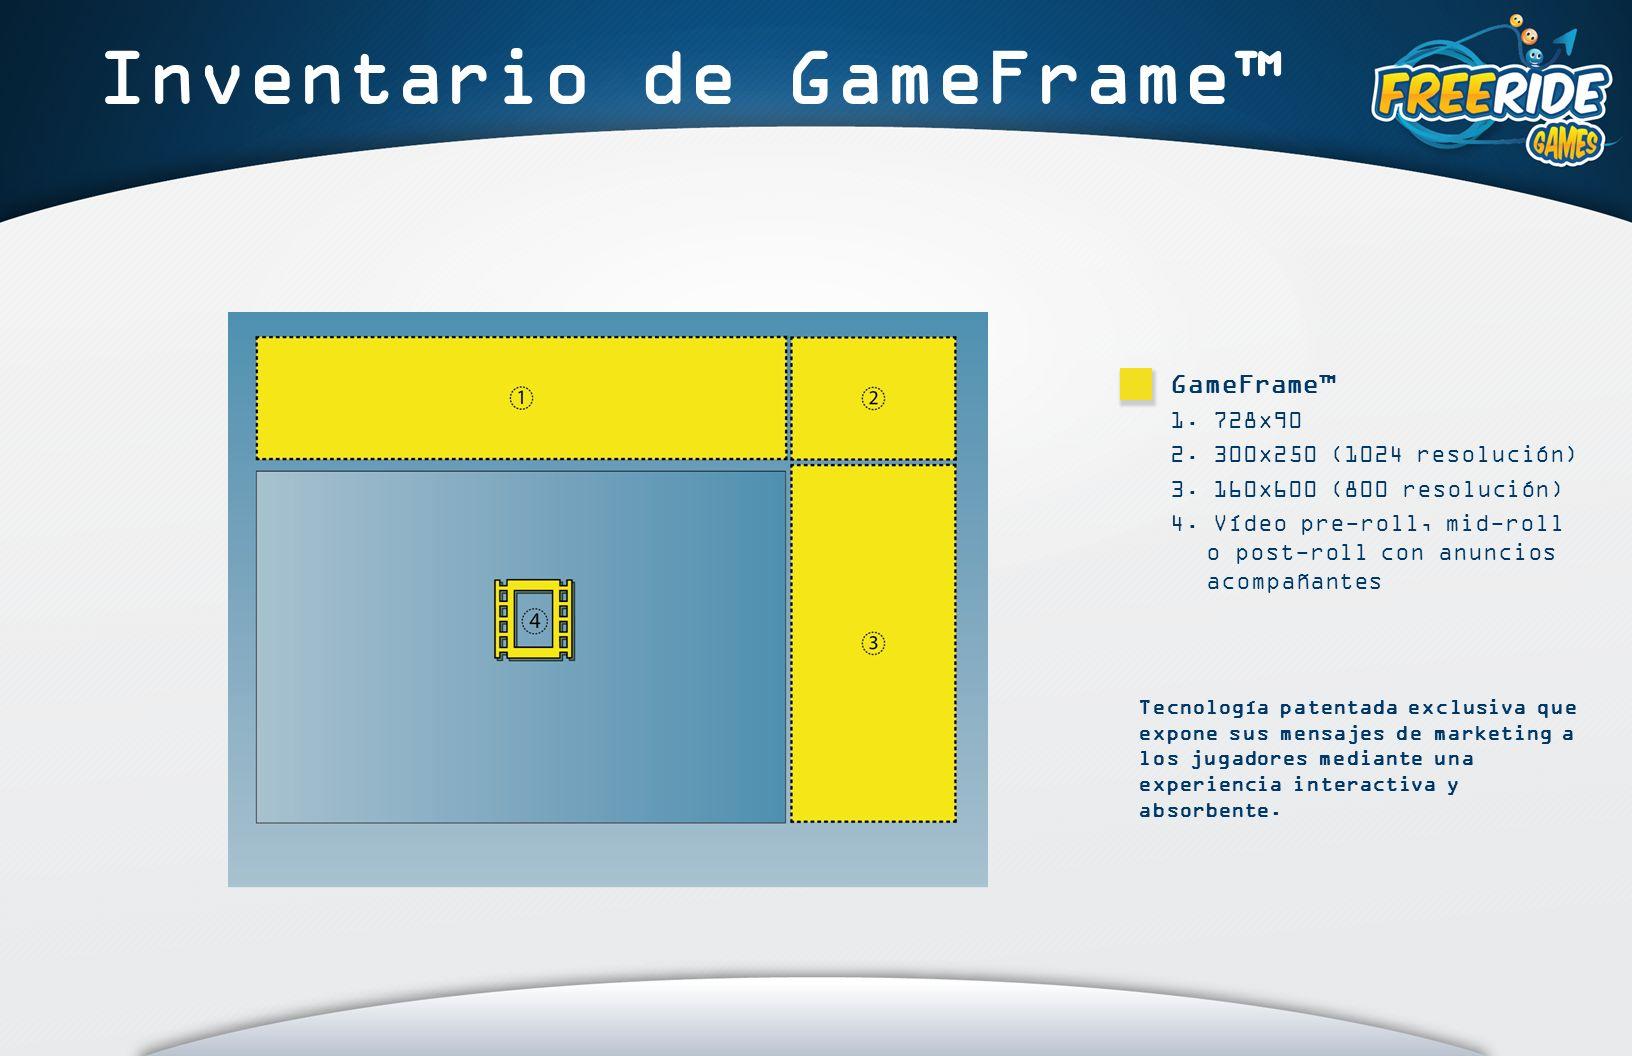 Inventario de GameFrame Tecnología patentada exclusiva que expone sus mensajes de marketing a los jugadores mediante una experiencia interactiva y absorbente.